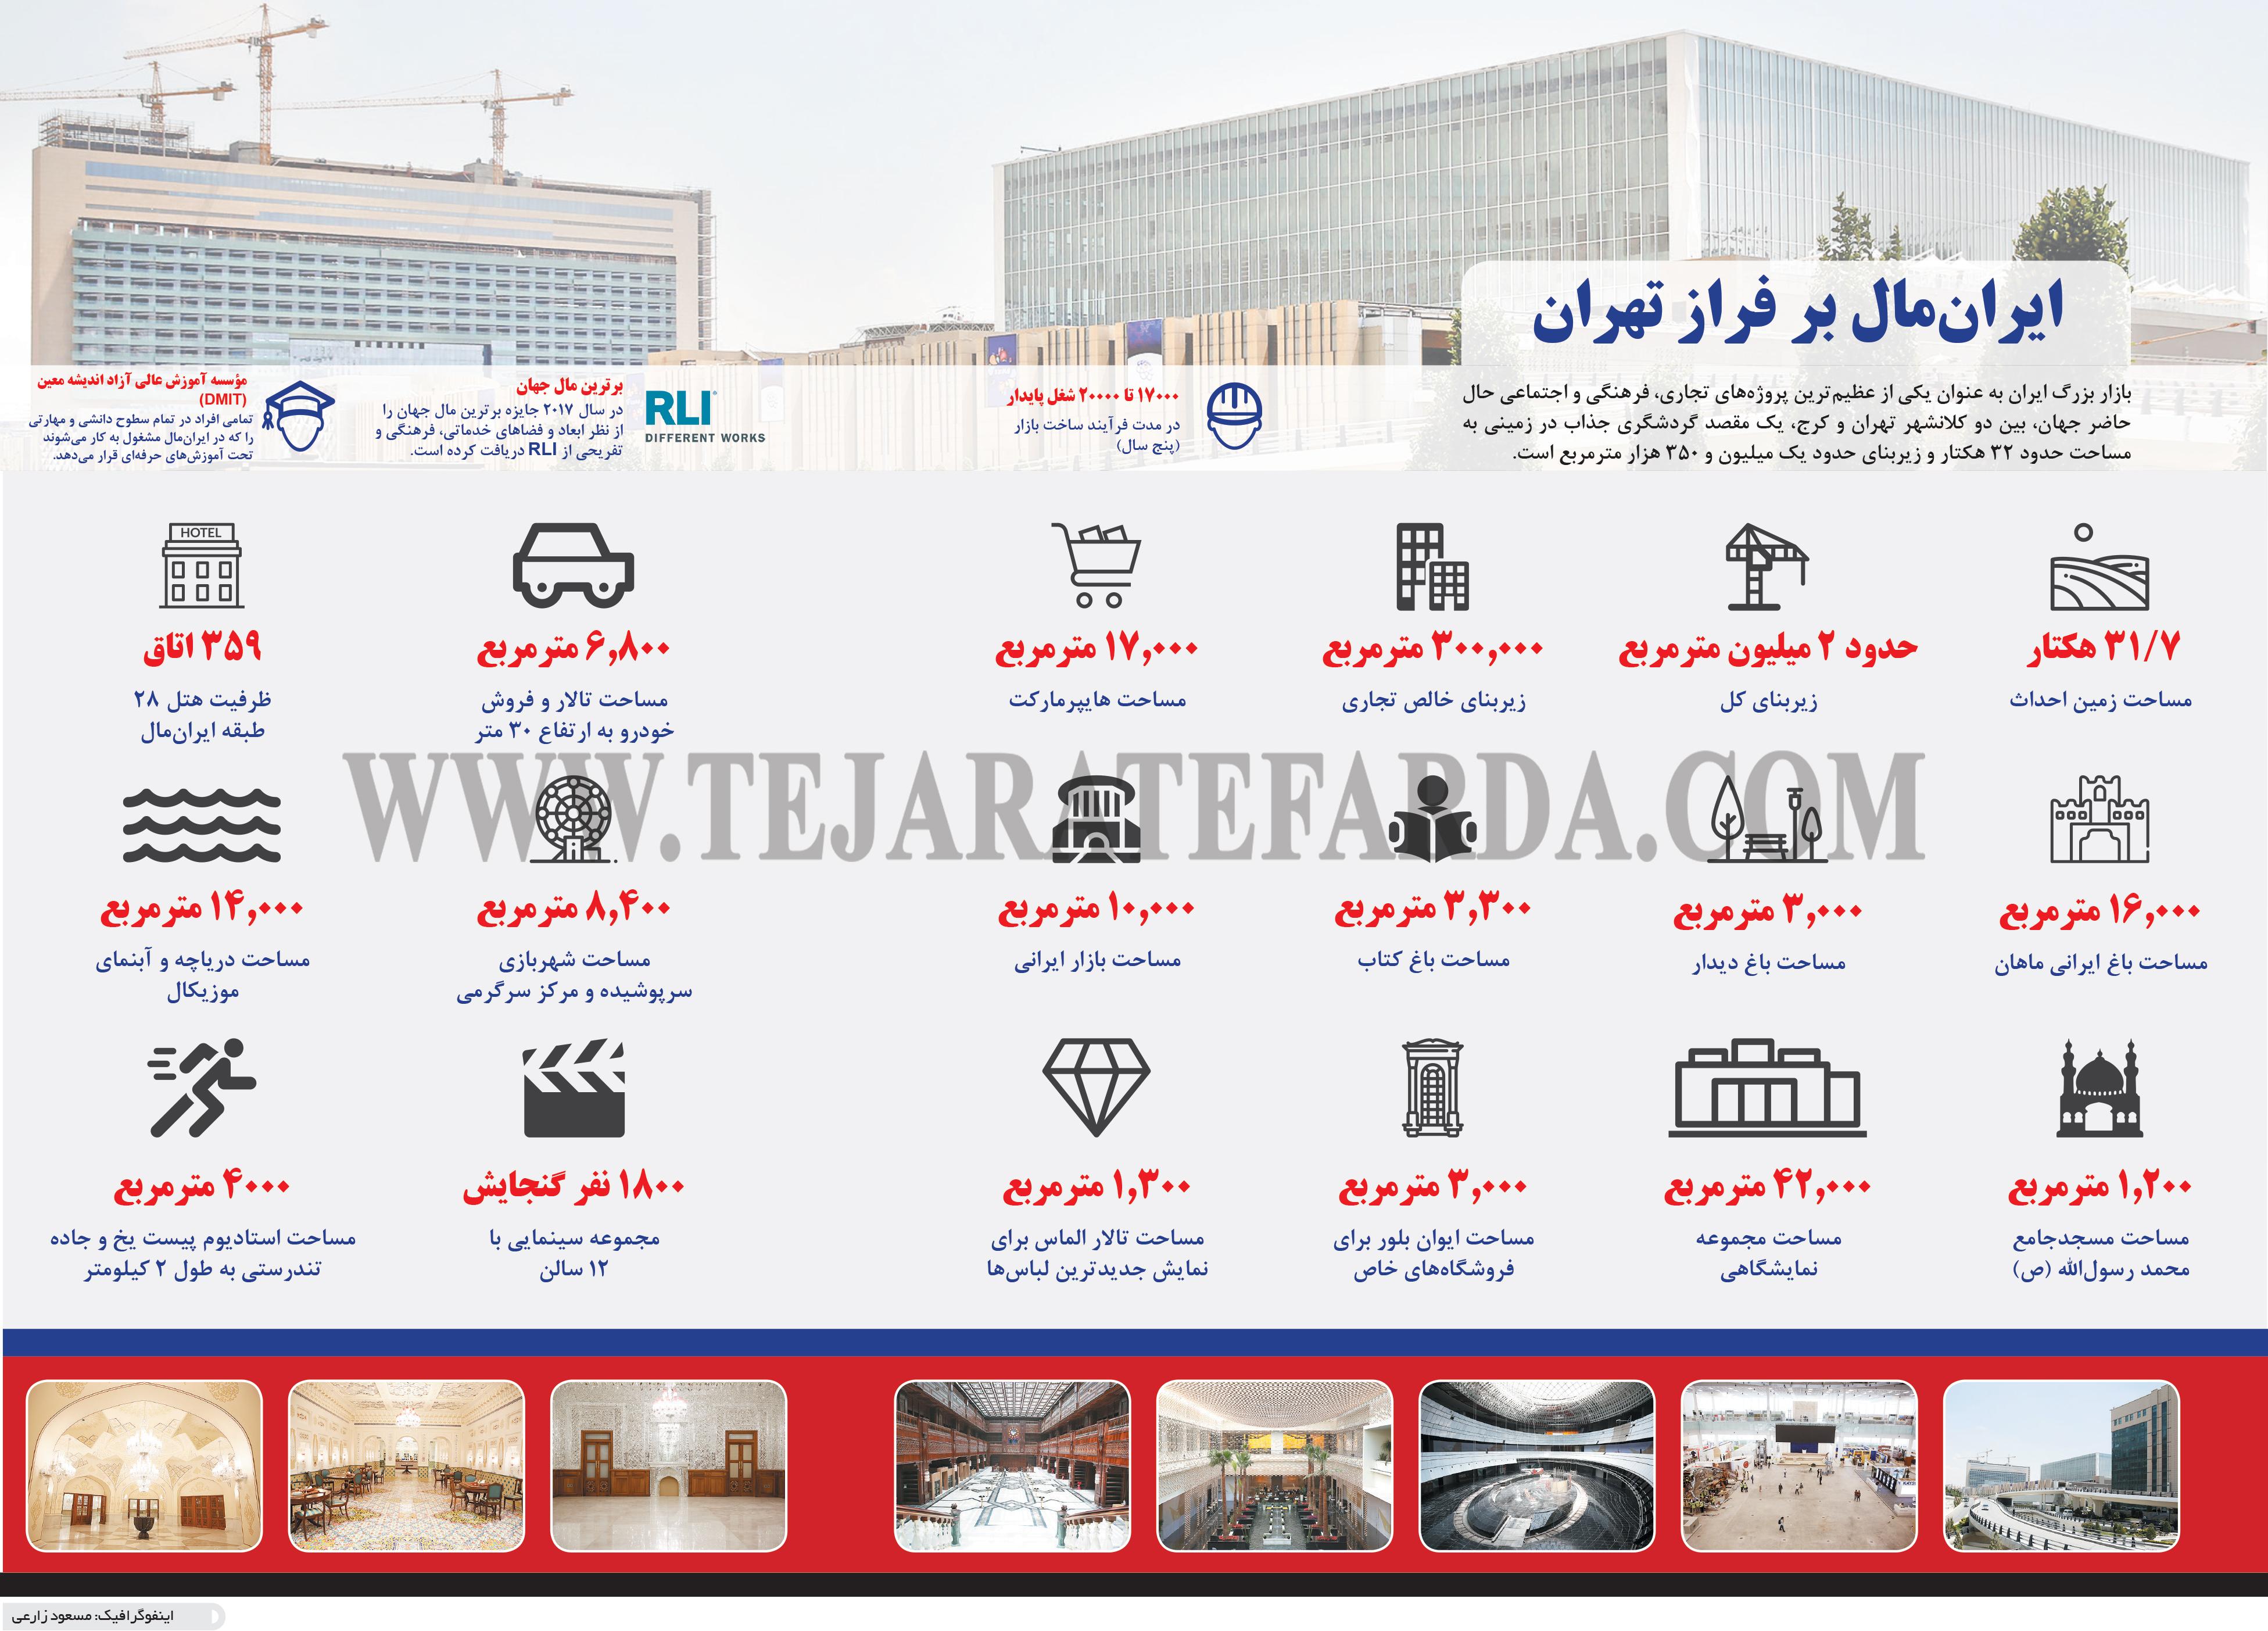 تجارت- فردا- ایرانمال بر فراز تهران(اینفوگرافیک)